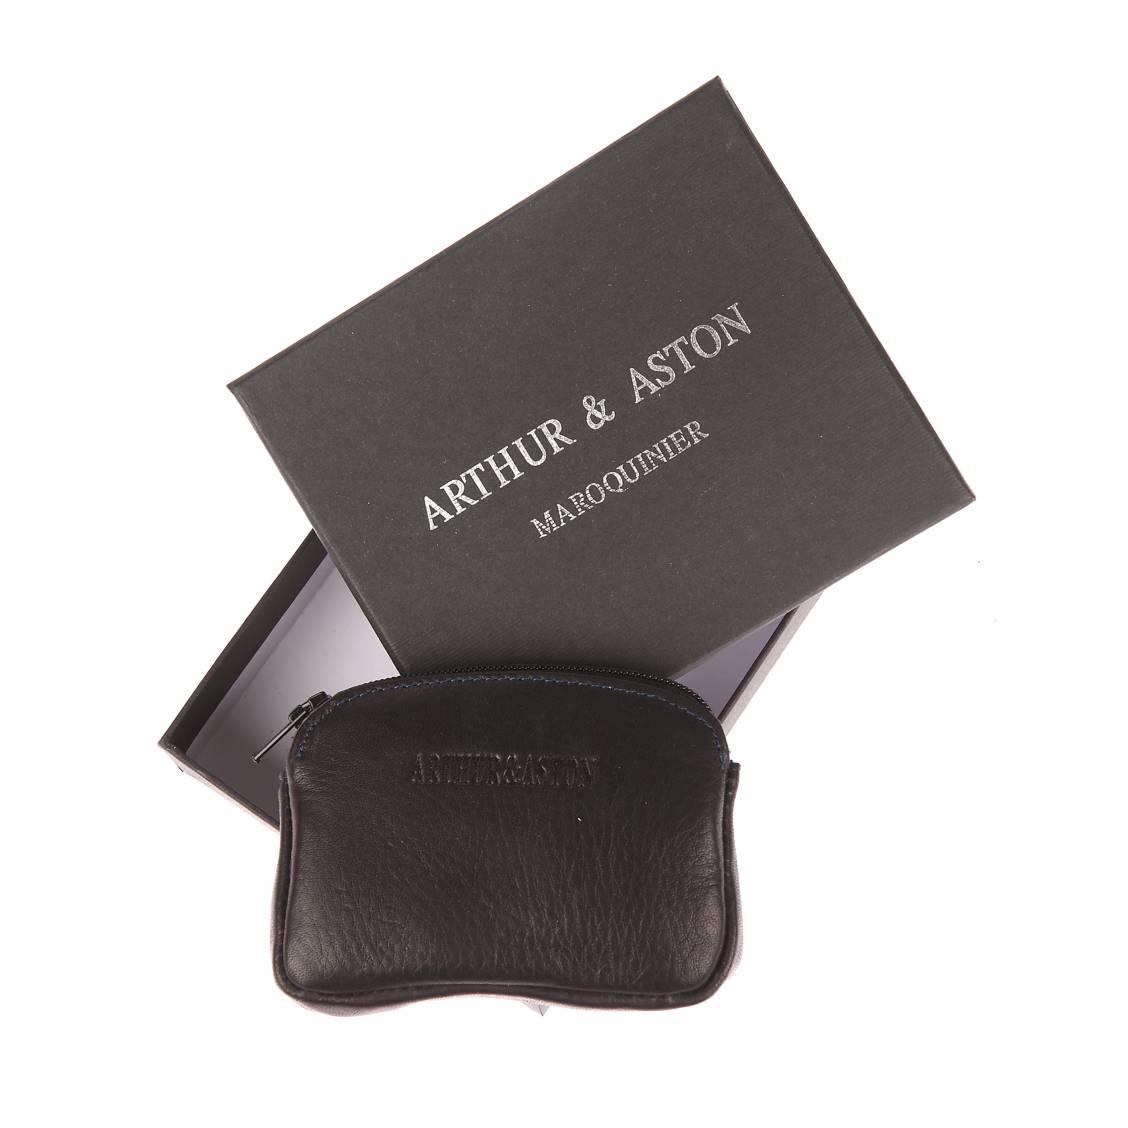 Porte monnaie zipp arthur aston en cuir noir et surpiq res bleues rue des hommes - Porte monnaie arthur et aston ...